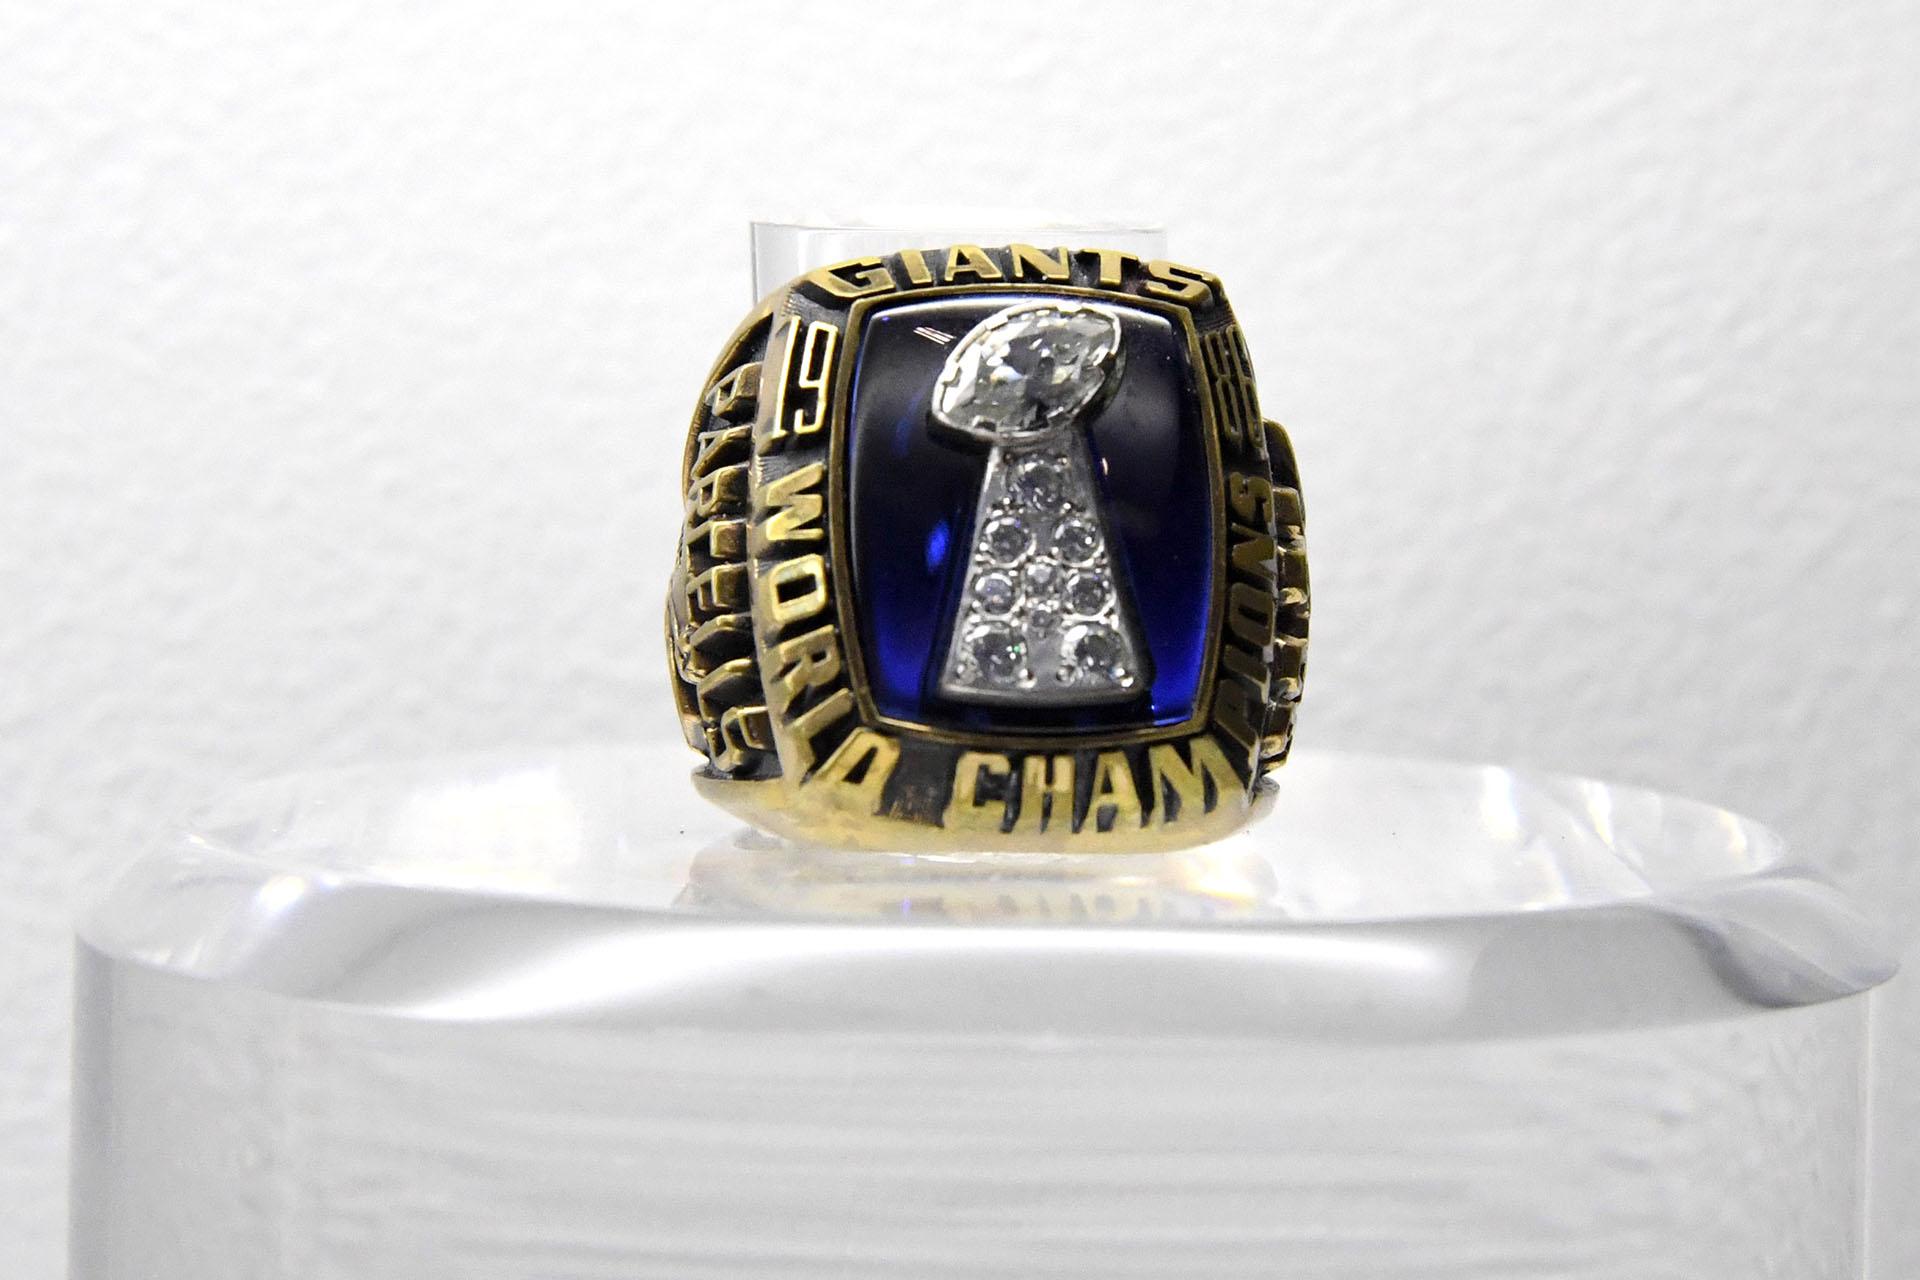 El anillo del Super Bowl XXI conmemora a los New York Giants que vencieron 39 a 20 a los Denver Broncos en el Rose Bowl de Pasadena, California en 1987